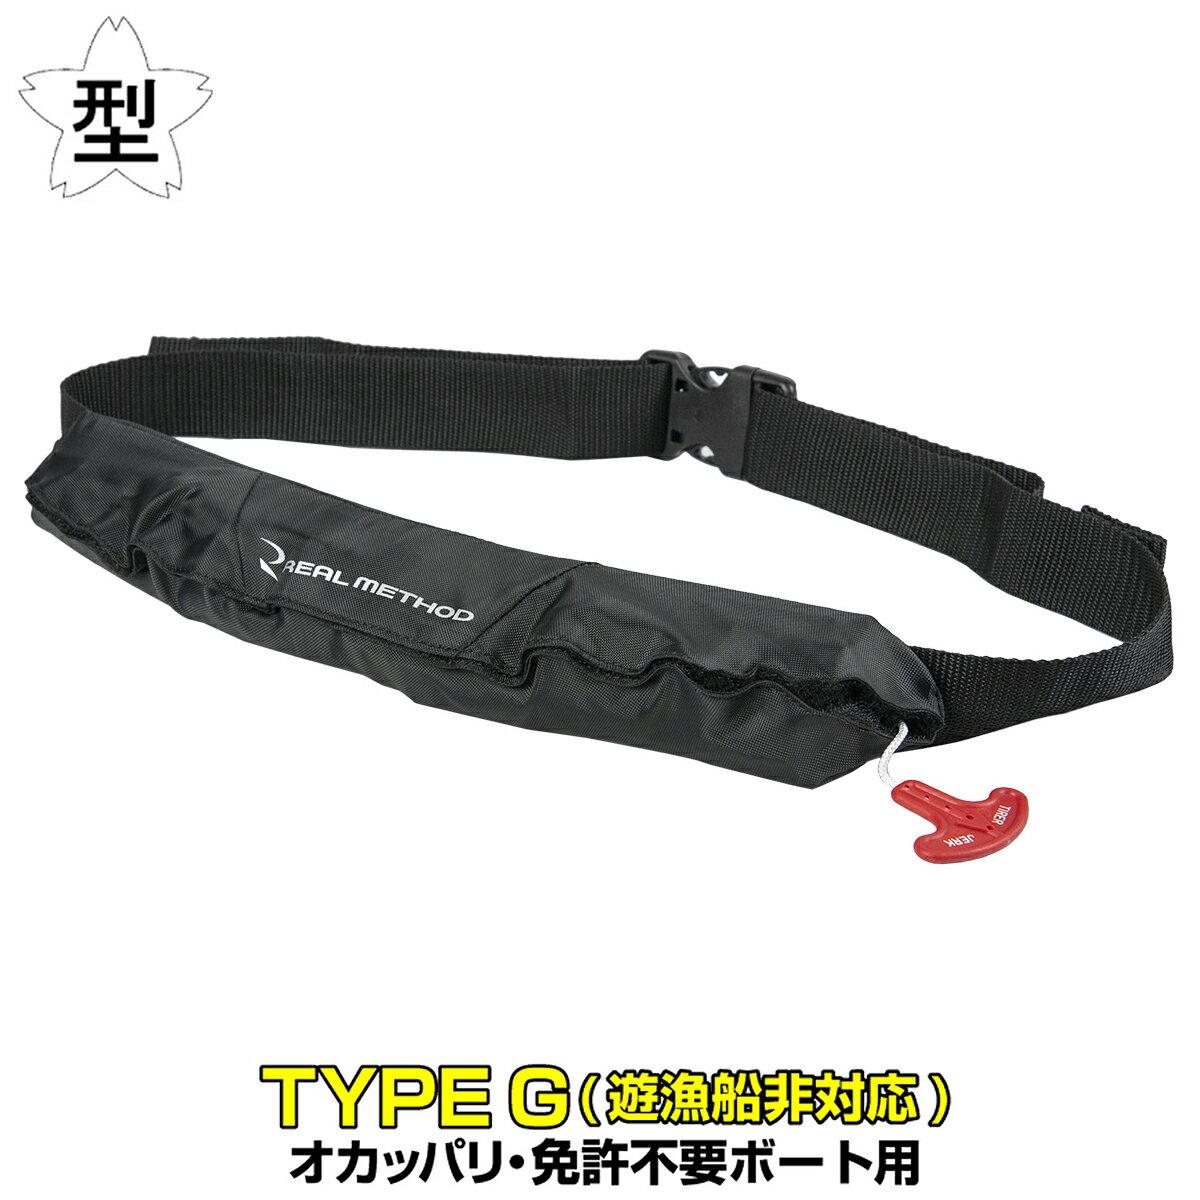 タカミヤ REALMETHOD 軽量自動膨張式ライフジャケット ウエストベルトタイプ RM-9220 ブラック ※遊漁船非対応